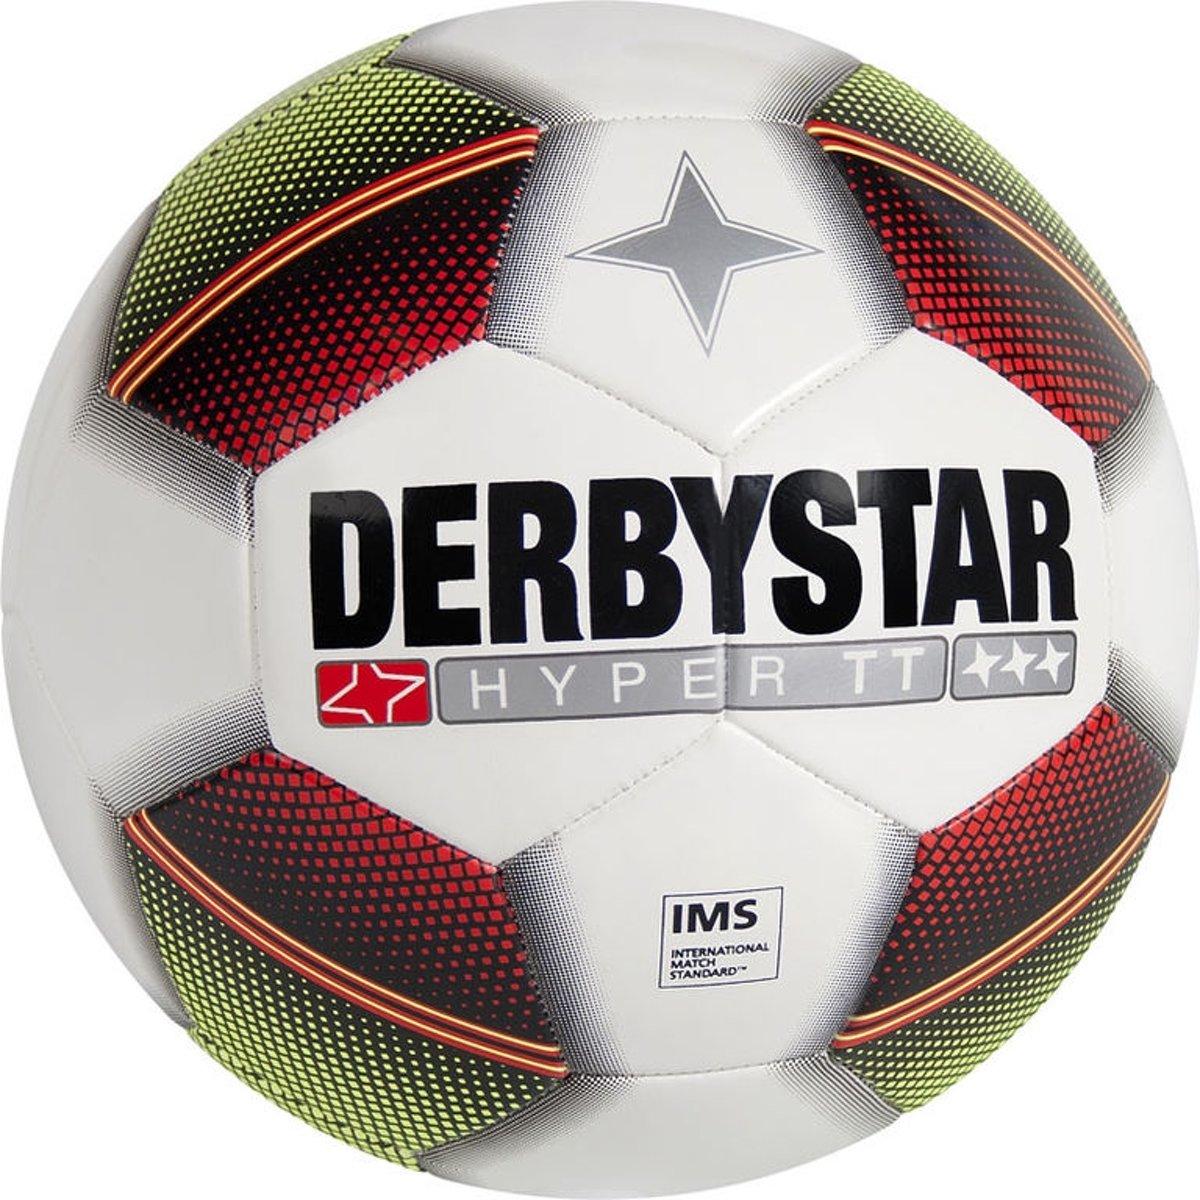 Derbystar Hyper TT - Trainings voetbal